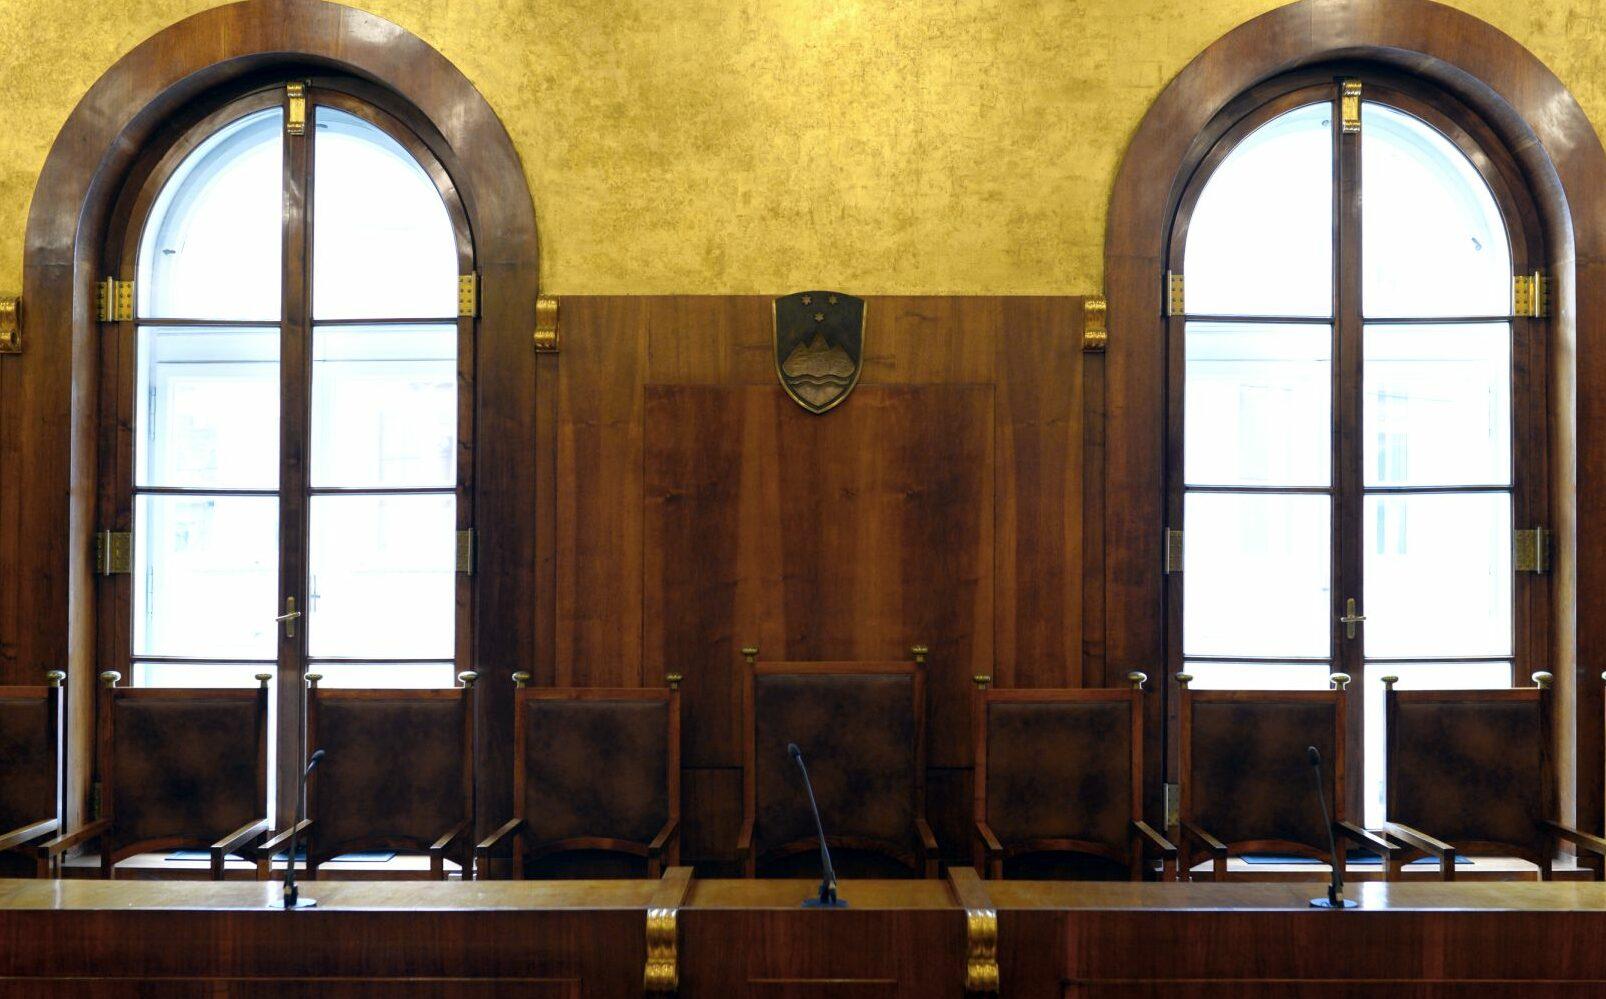 Odločba Ustavnega sodišča št. Up-300/16 z dne 17. 6. 2021